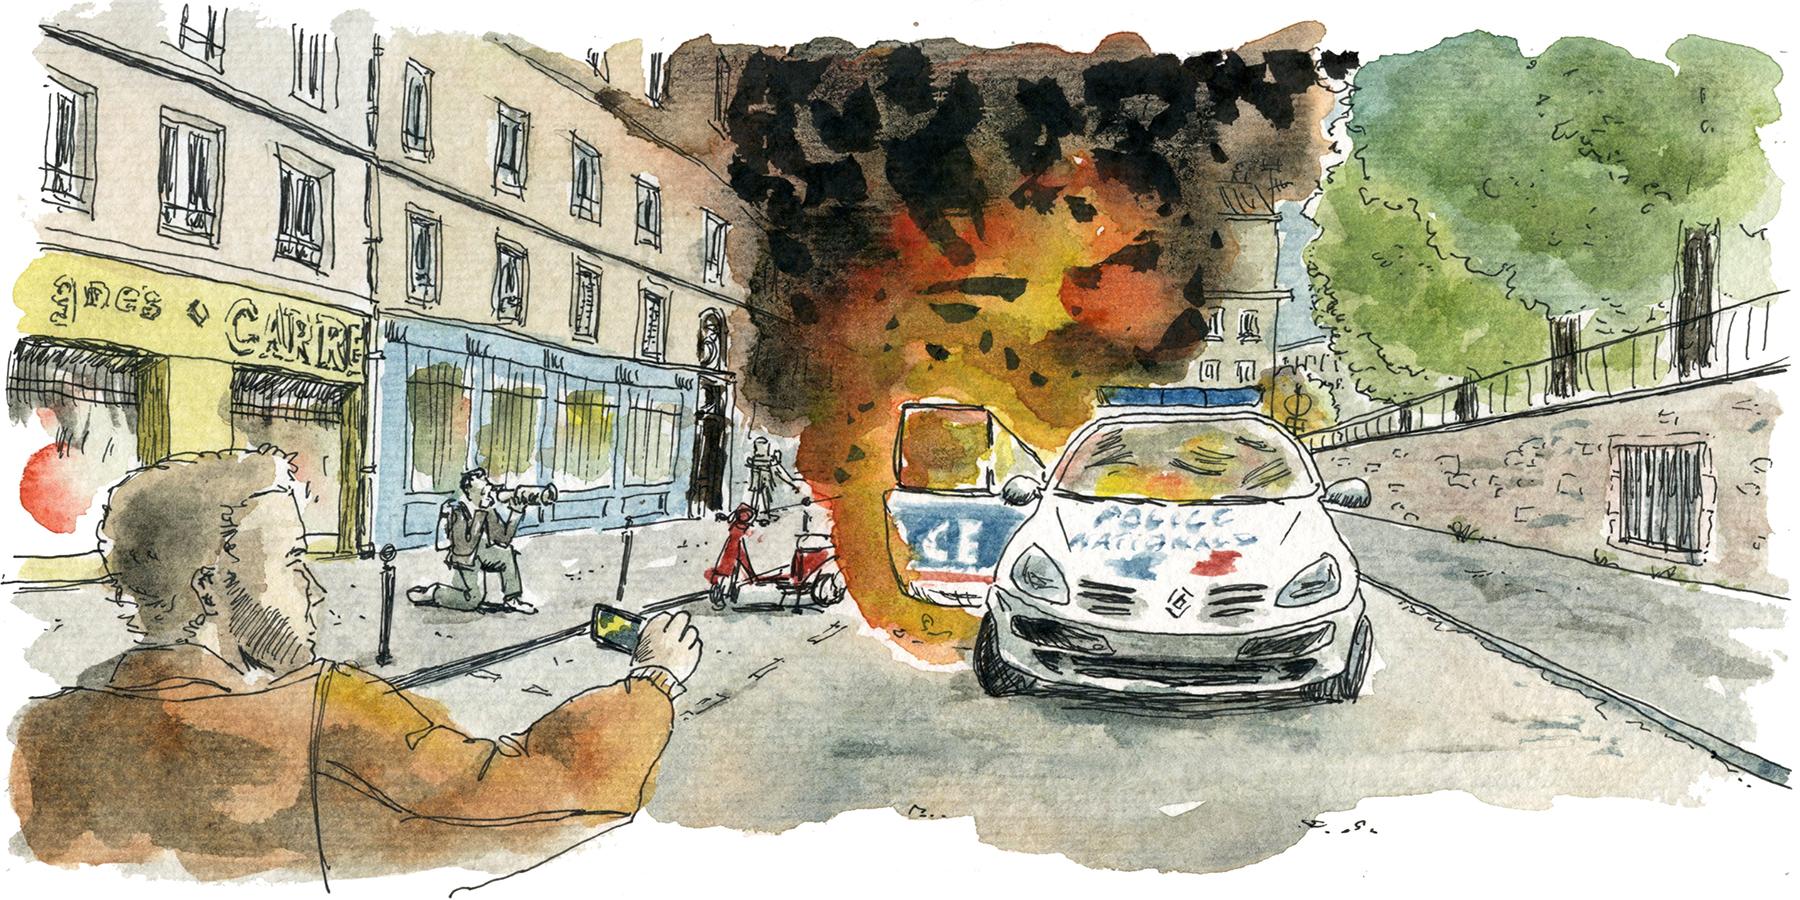 Qui est l'individu au caleçon rose qui a participé à l'incendie du véhicule de police?